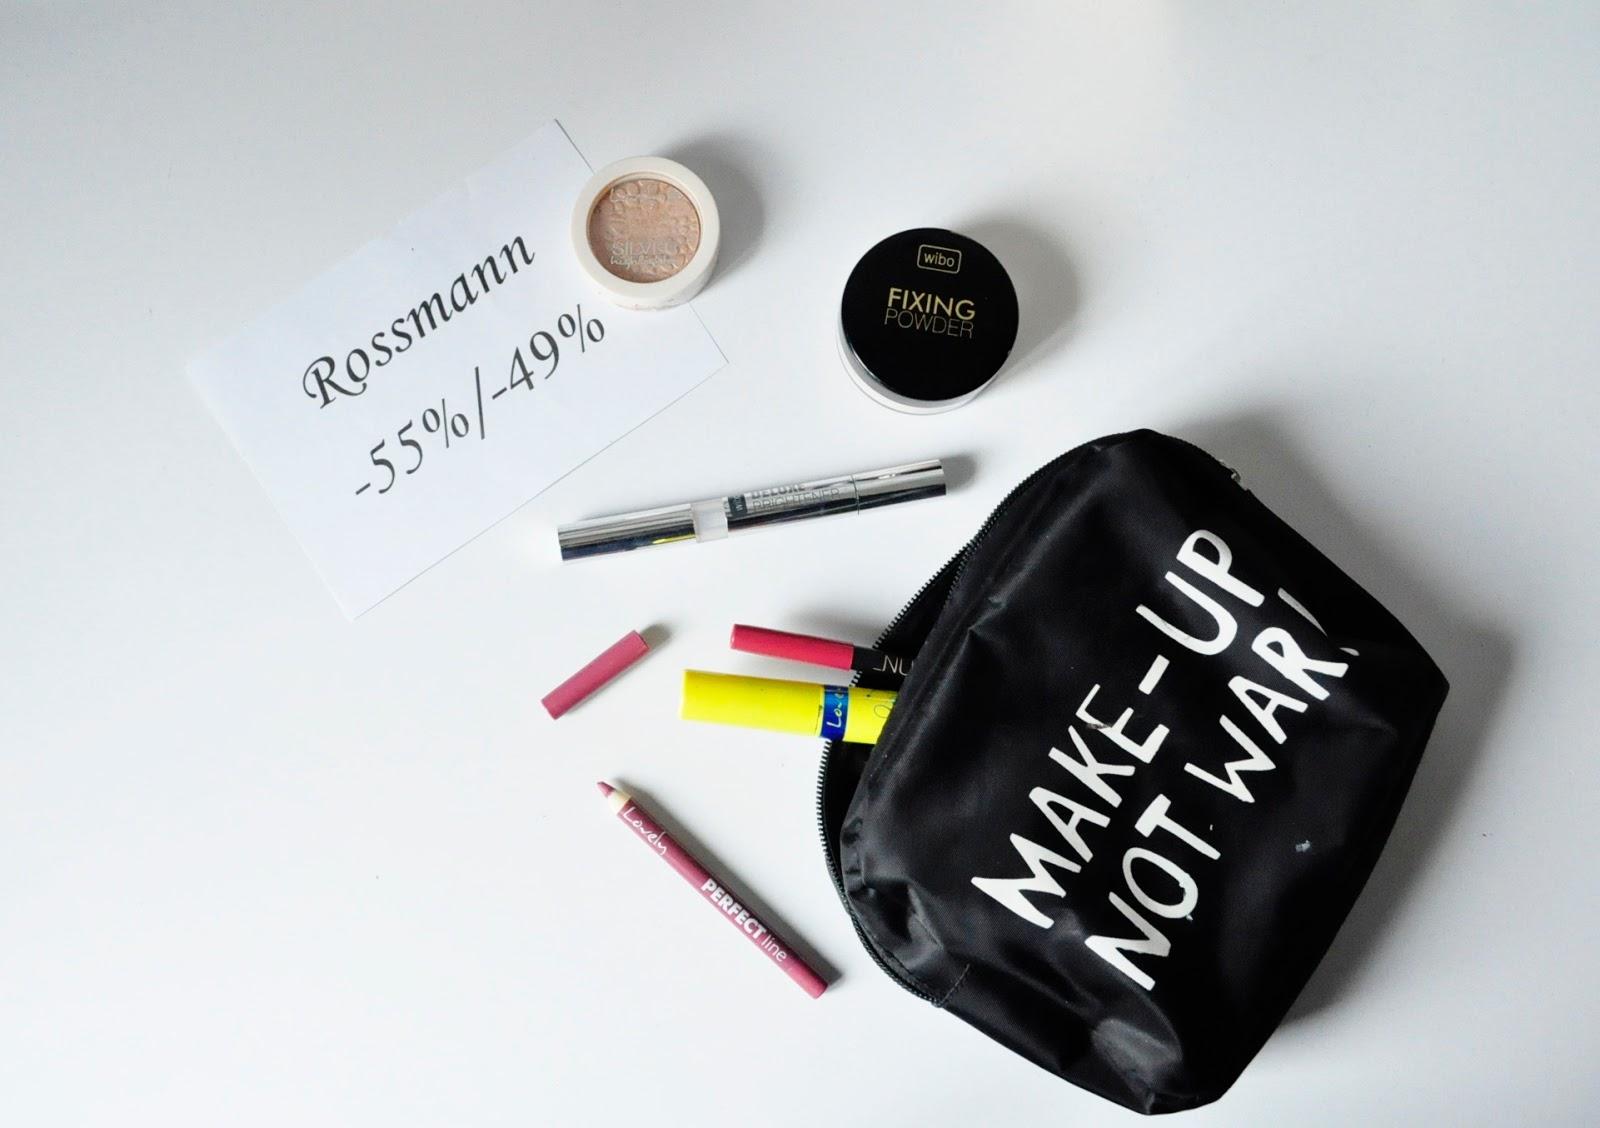 Szaleństwo zakupowe, czyli promocja Rossmann -55%/-49% | Wibo Maybelline Lovely